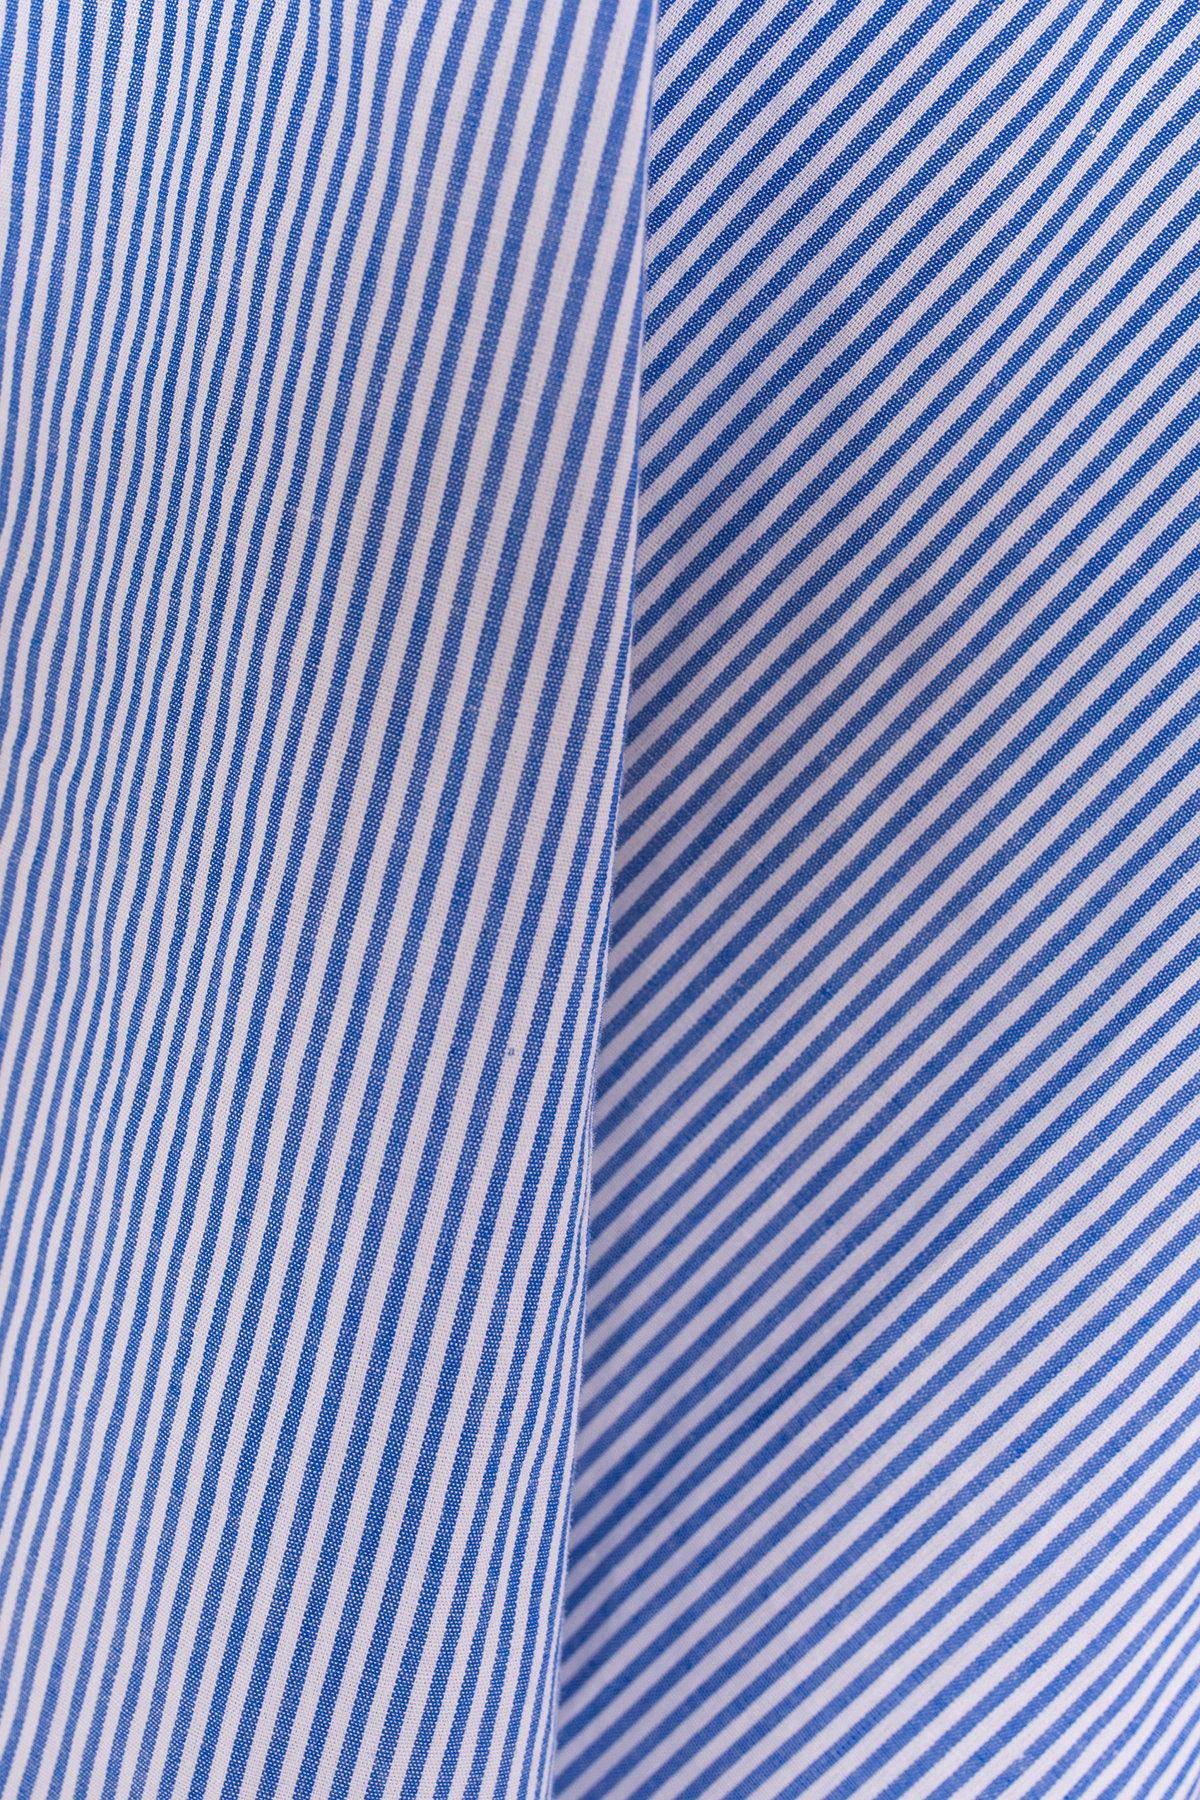 Блуза Арина 3154 АРТ. 16300 Цвет: Синий/белая полоска   - фото 2, интернет магазин tm-modus.ru